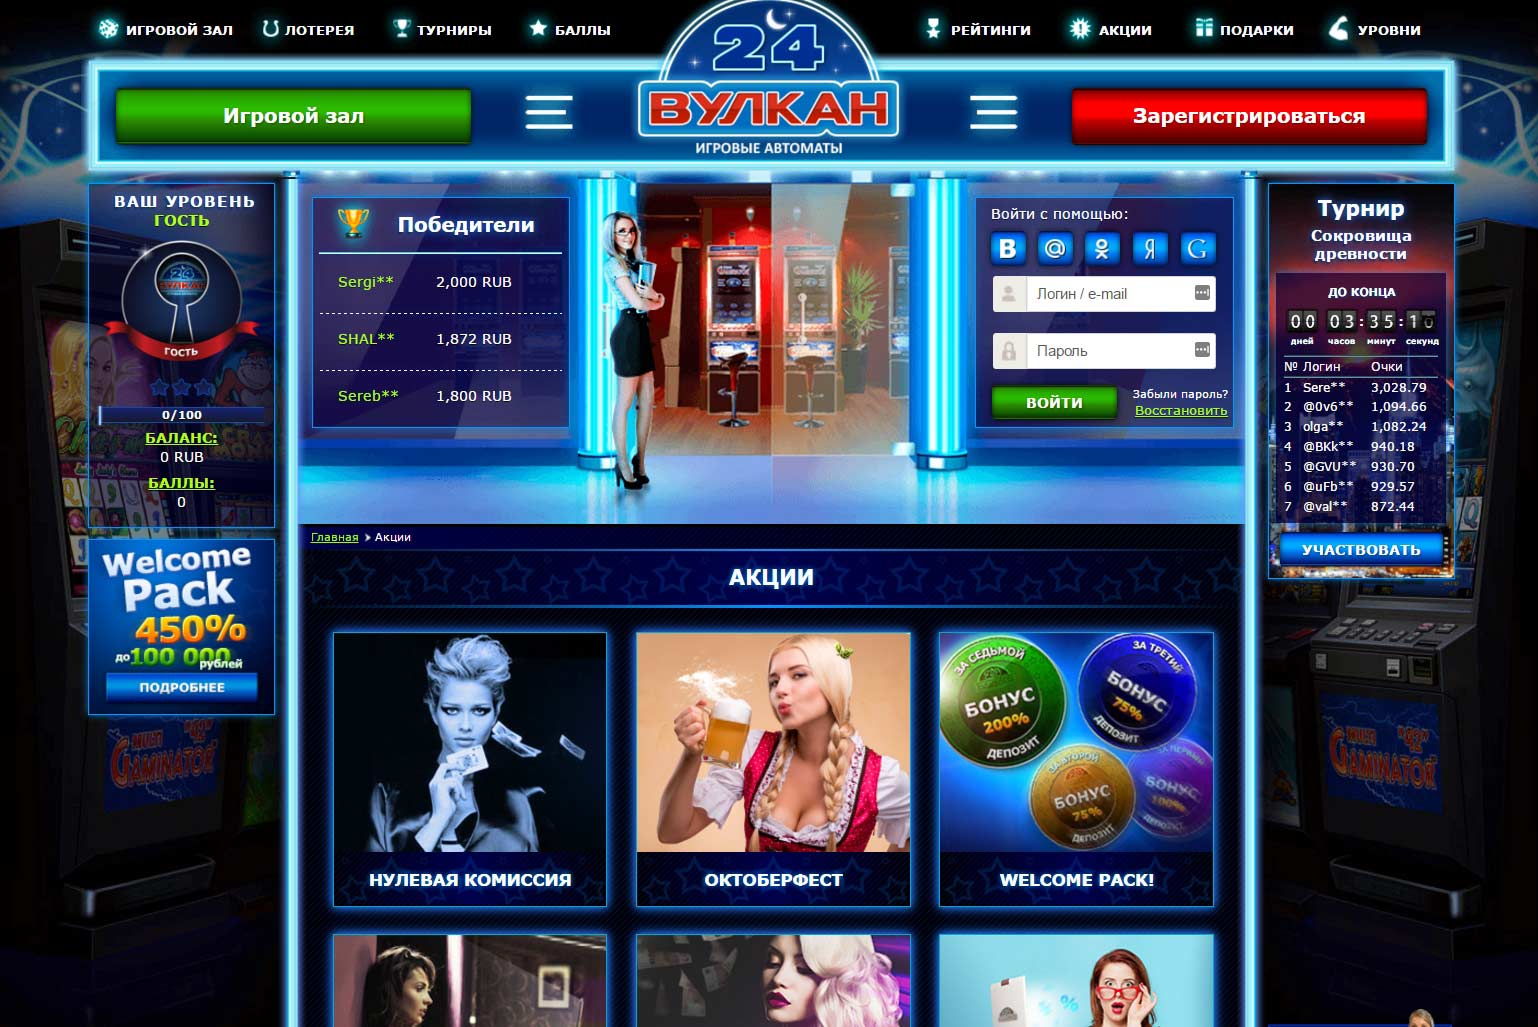 игровой клуб вулкан 24 онлайн